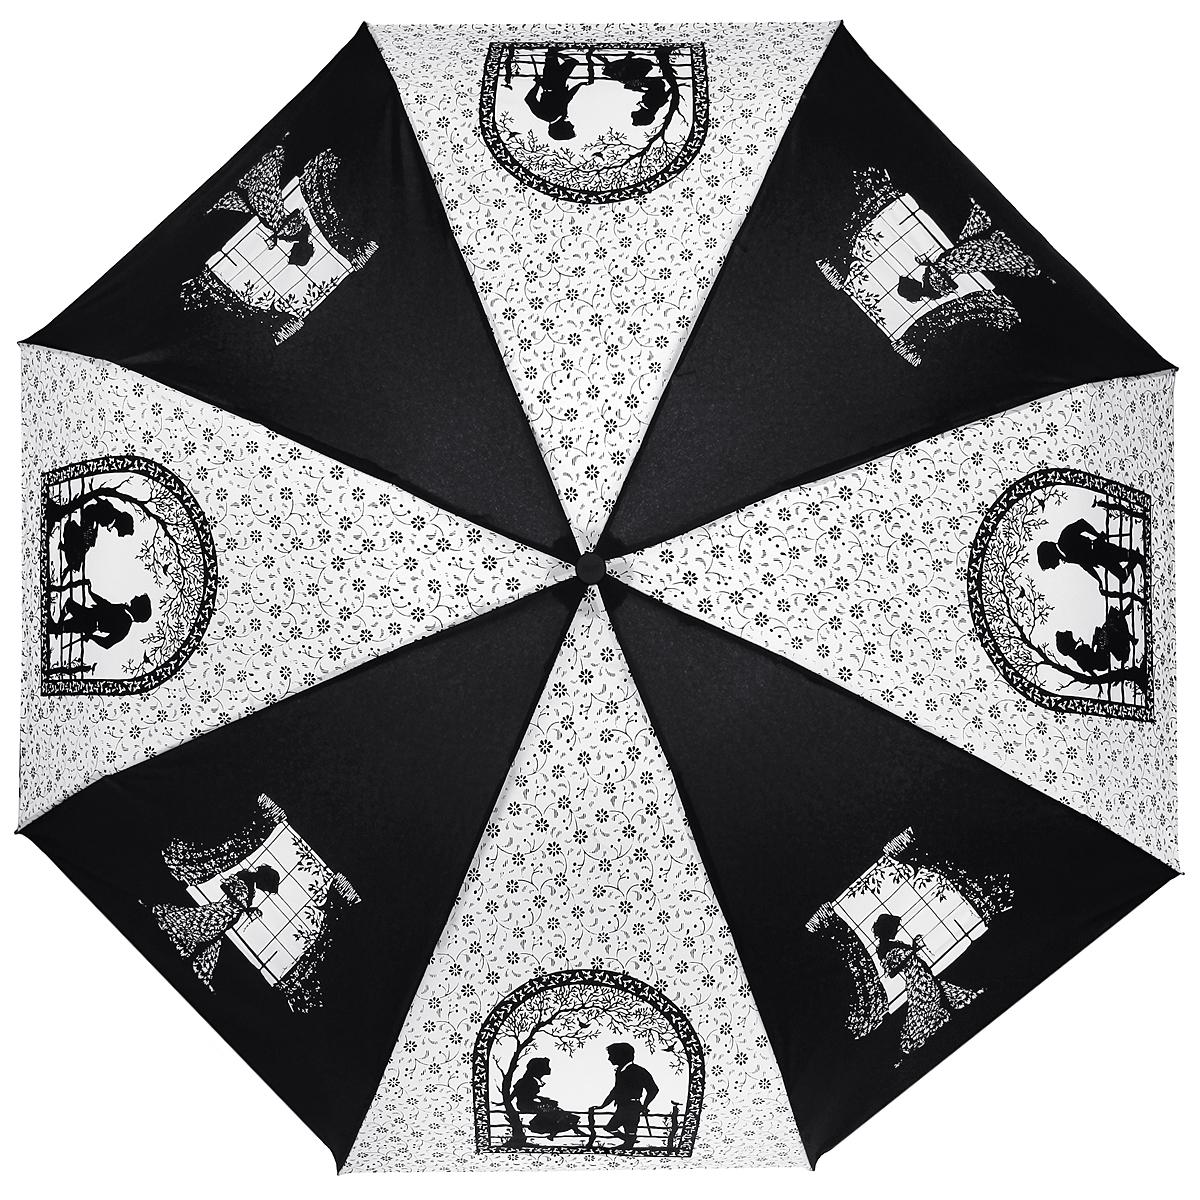 Зонт женский Zest, автомат, 3 сложения, цвет: черный, белый. 23929-40823929-408Элегантный автоматический зонт Zest в 3 сложения изготовлен из высокопрочных материалов. Каркас зонта состоит из 8 спиц и прочного алюминиевого стержня. Специальная система Windproof защищает его от поломок во время сильных порывов ветра. Купол зонта выполнен из прочного полиэстера с водоотталкивающей пропиткой и оформлен узором в мелкий цветочек, а также изображением силуэтов молодых людей на свидании, девушки перед окном. Рукоятка, разработанная с учетом требований эргономики, выполнена из пластика. Зонт имеет полный автоматический механизм сложения: купол открывается и закрывается нажатием кнопки на рукоятке, стержень складывается вручную до характерного щелчка. Благодаря этому открыть и закрыть зонт можно одной рукой, что чрезвычайно удобно при входе в транспорт или помещение. Небольшой шнурок, расположенный на рукоятке, позволяет надеть изделие на руку при необходимости. Модель закрывается при помощи хлястика на застежку-липучку. К зонту прилагается чехол. ...